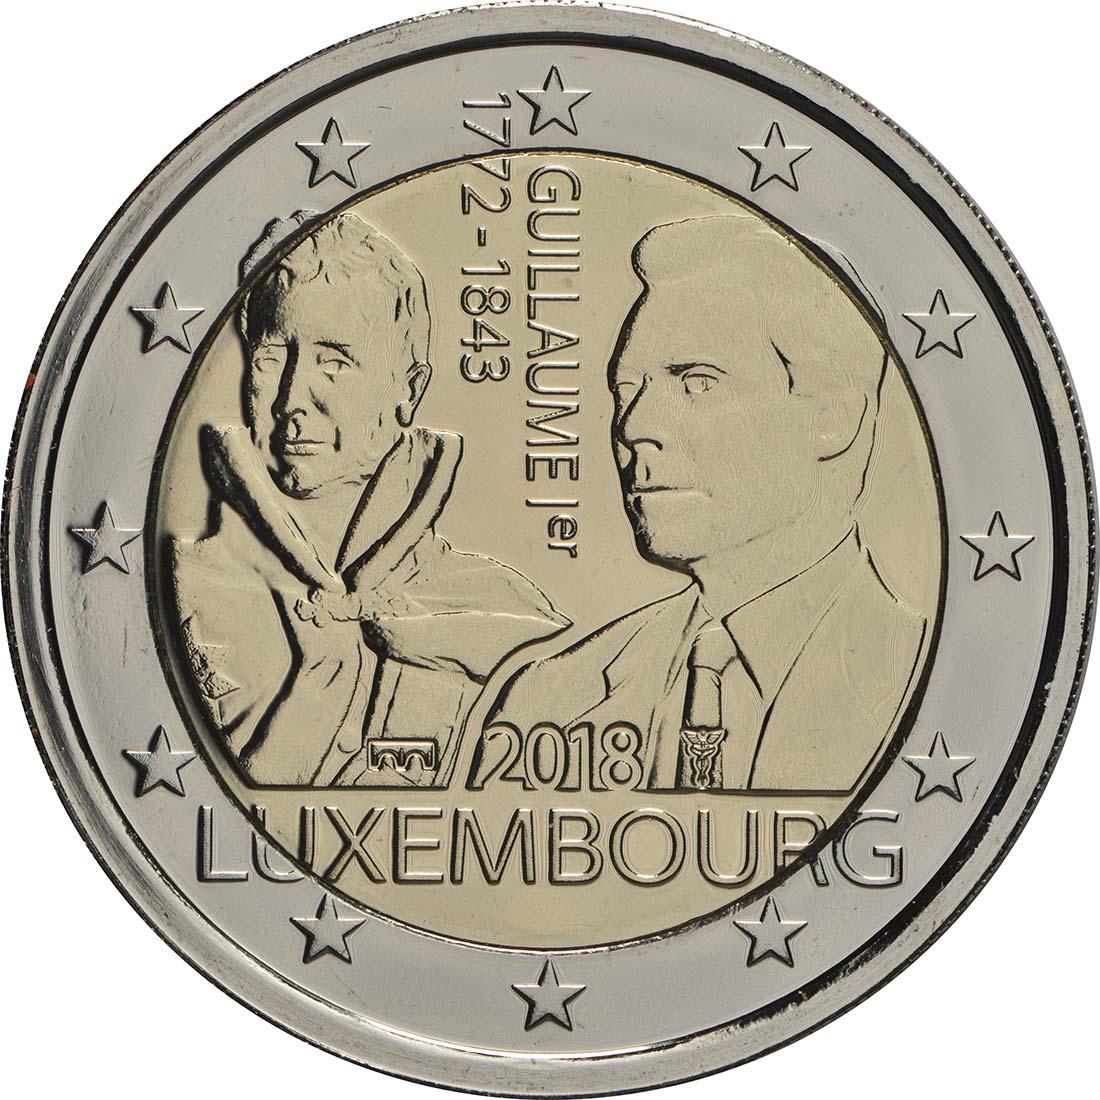 2018 322 Luxemburg Guillaume I - Mz Brücke.jpg